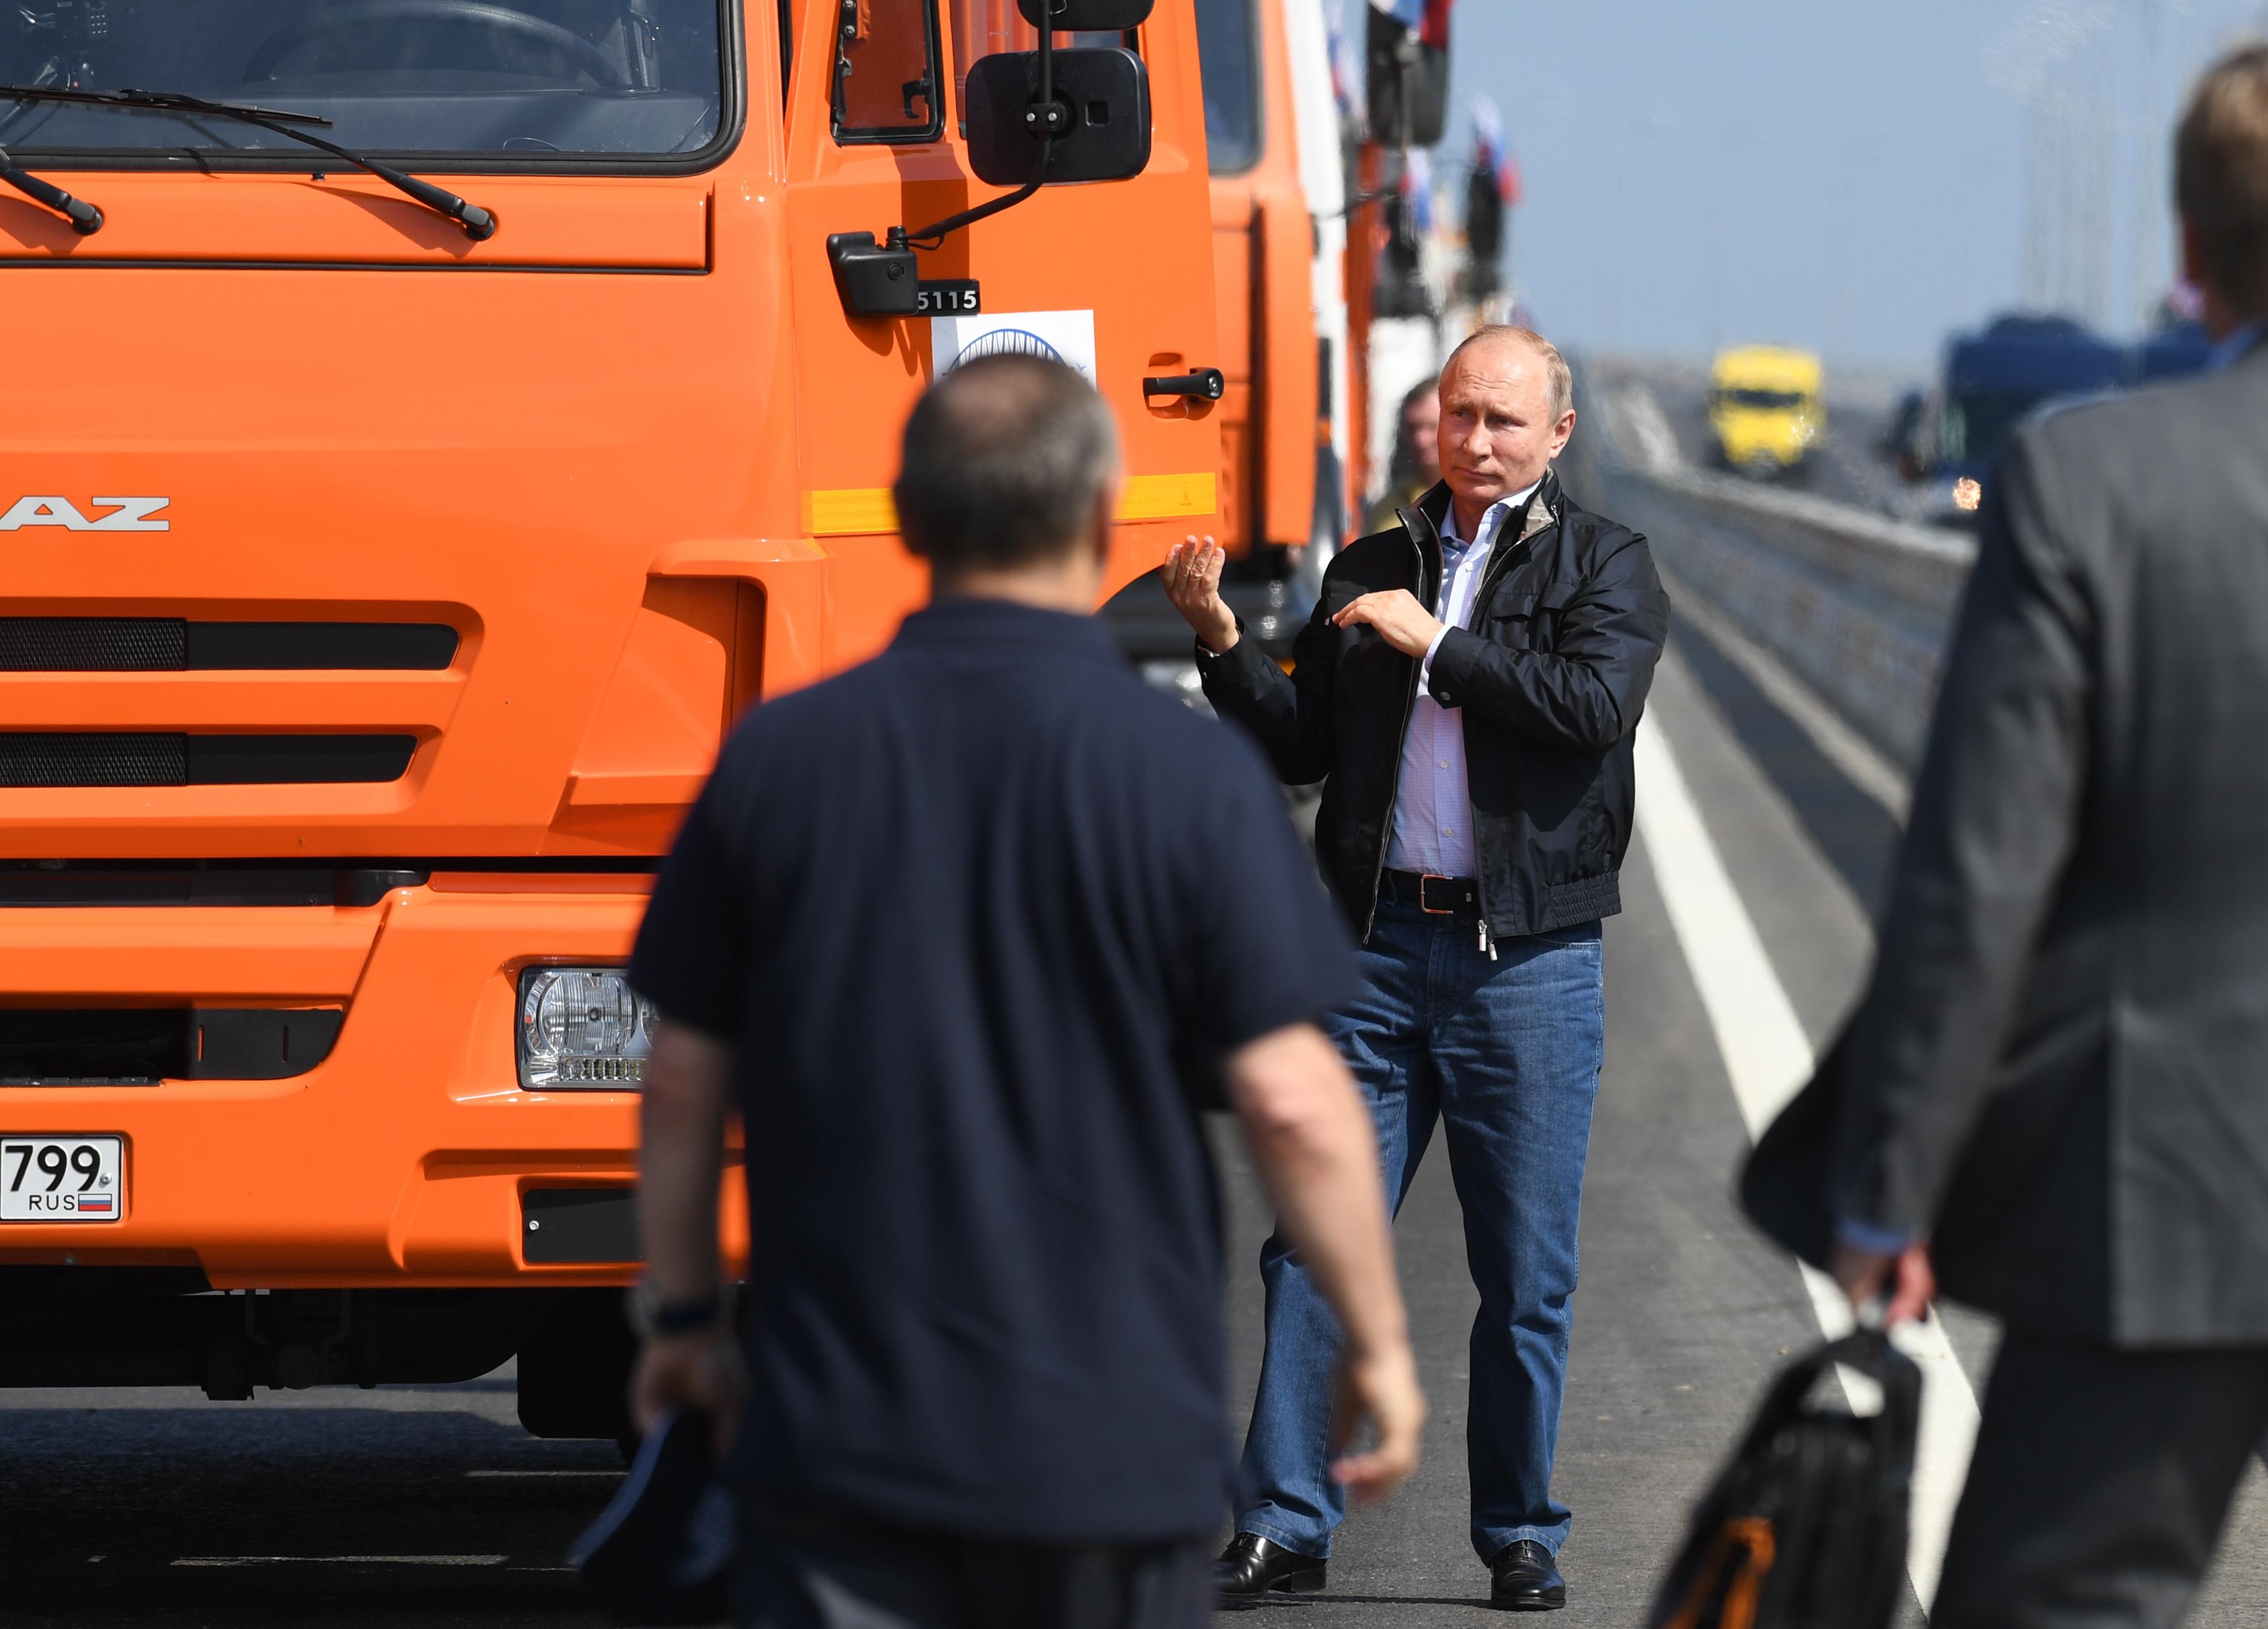 Az amerikai kormány elítélte, hogy Putyin hidat épített a Krím-félszigetre